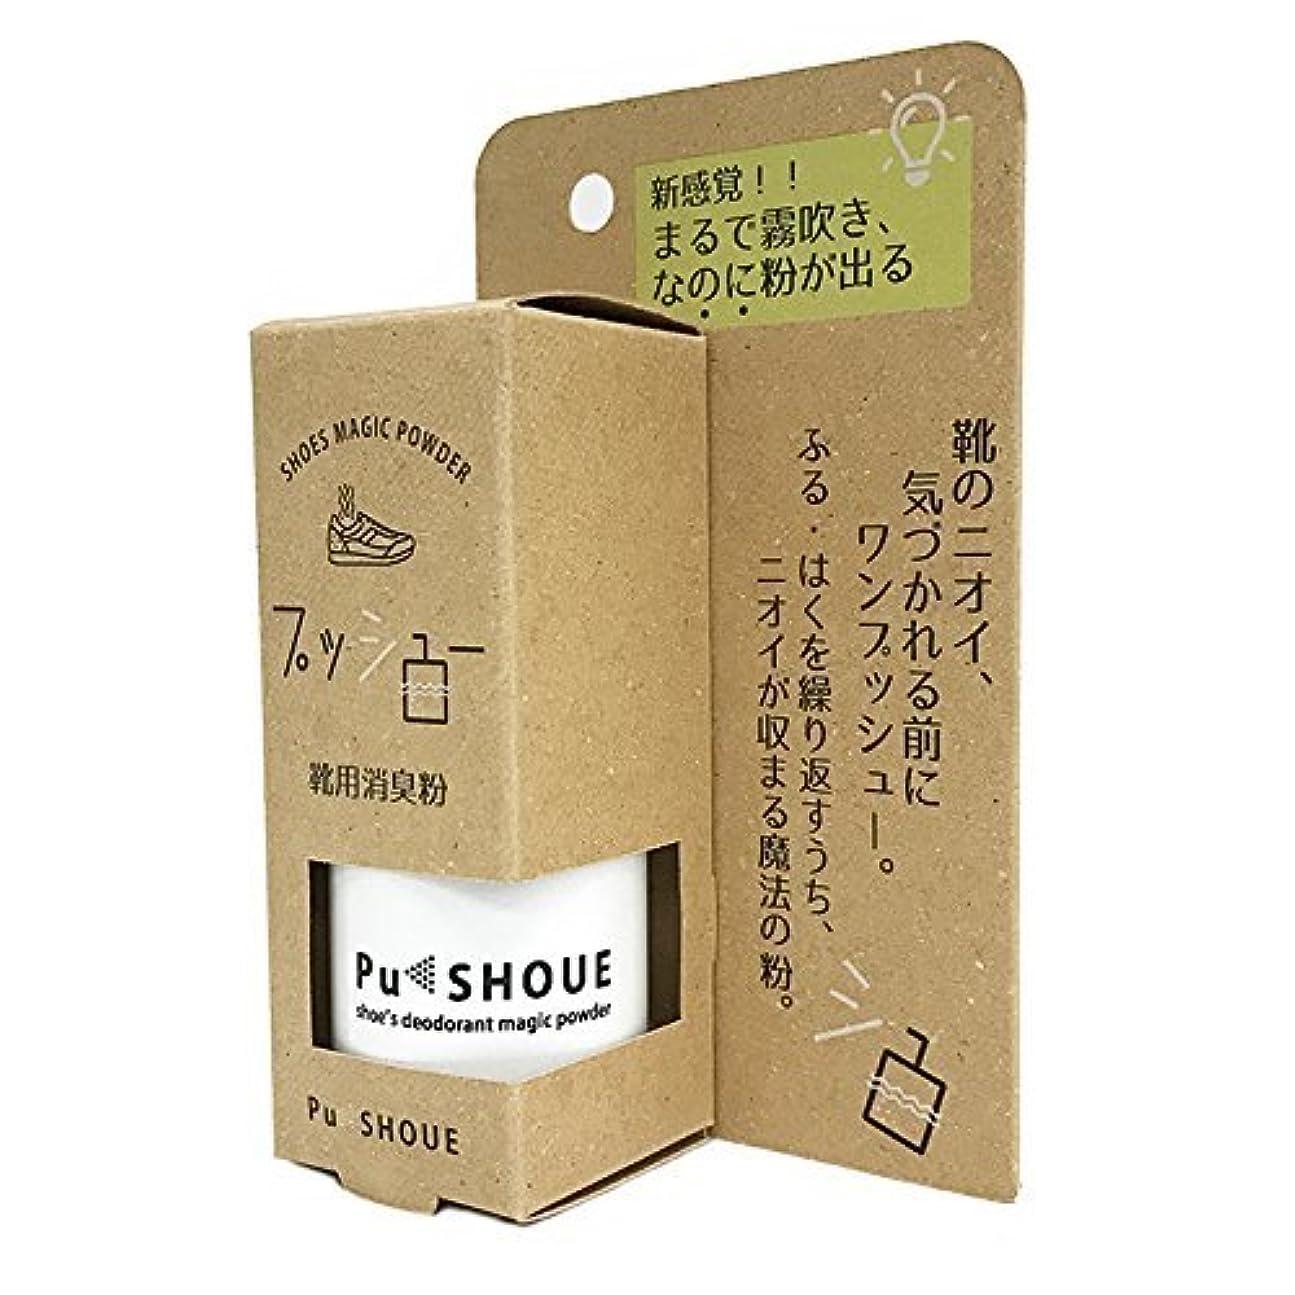 甘味アスペクト小切手Pu SHOUE プッシュー 無香料【スプレータイプで持ち運びOK 靴用消臭粉 1100回分】